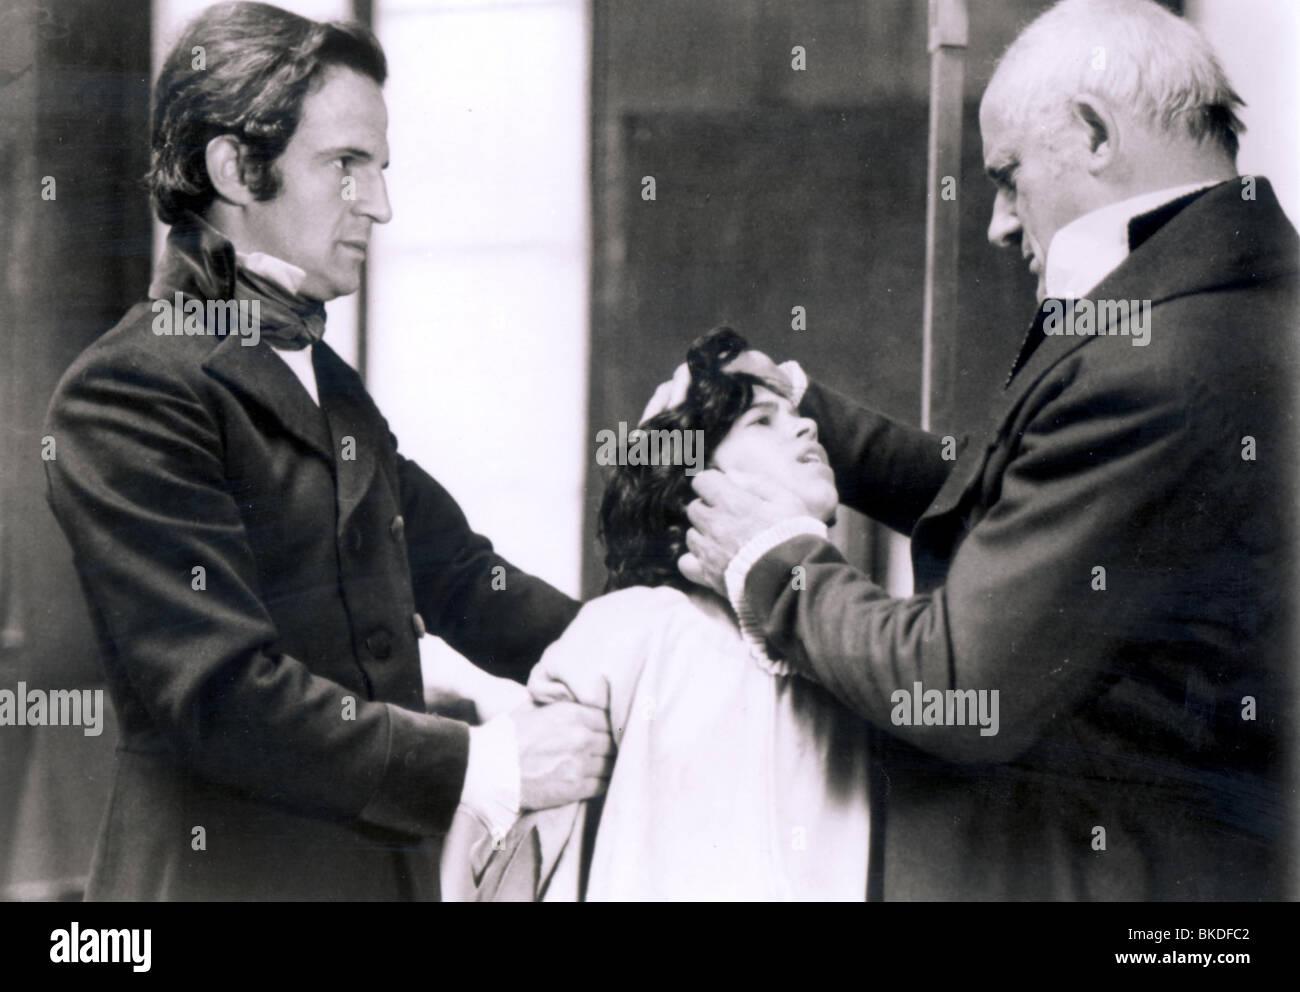 L'Enfant SAUVAGE (1970) Il bambino selvaggio (ALT) FRANCOIS TRUFFAUT, JEAN-PIERRE CARGOL ENFA 003P Immagini Stock